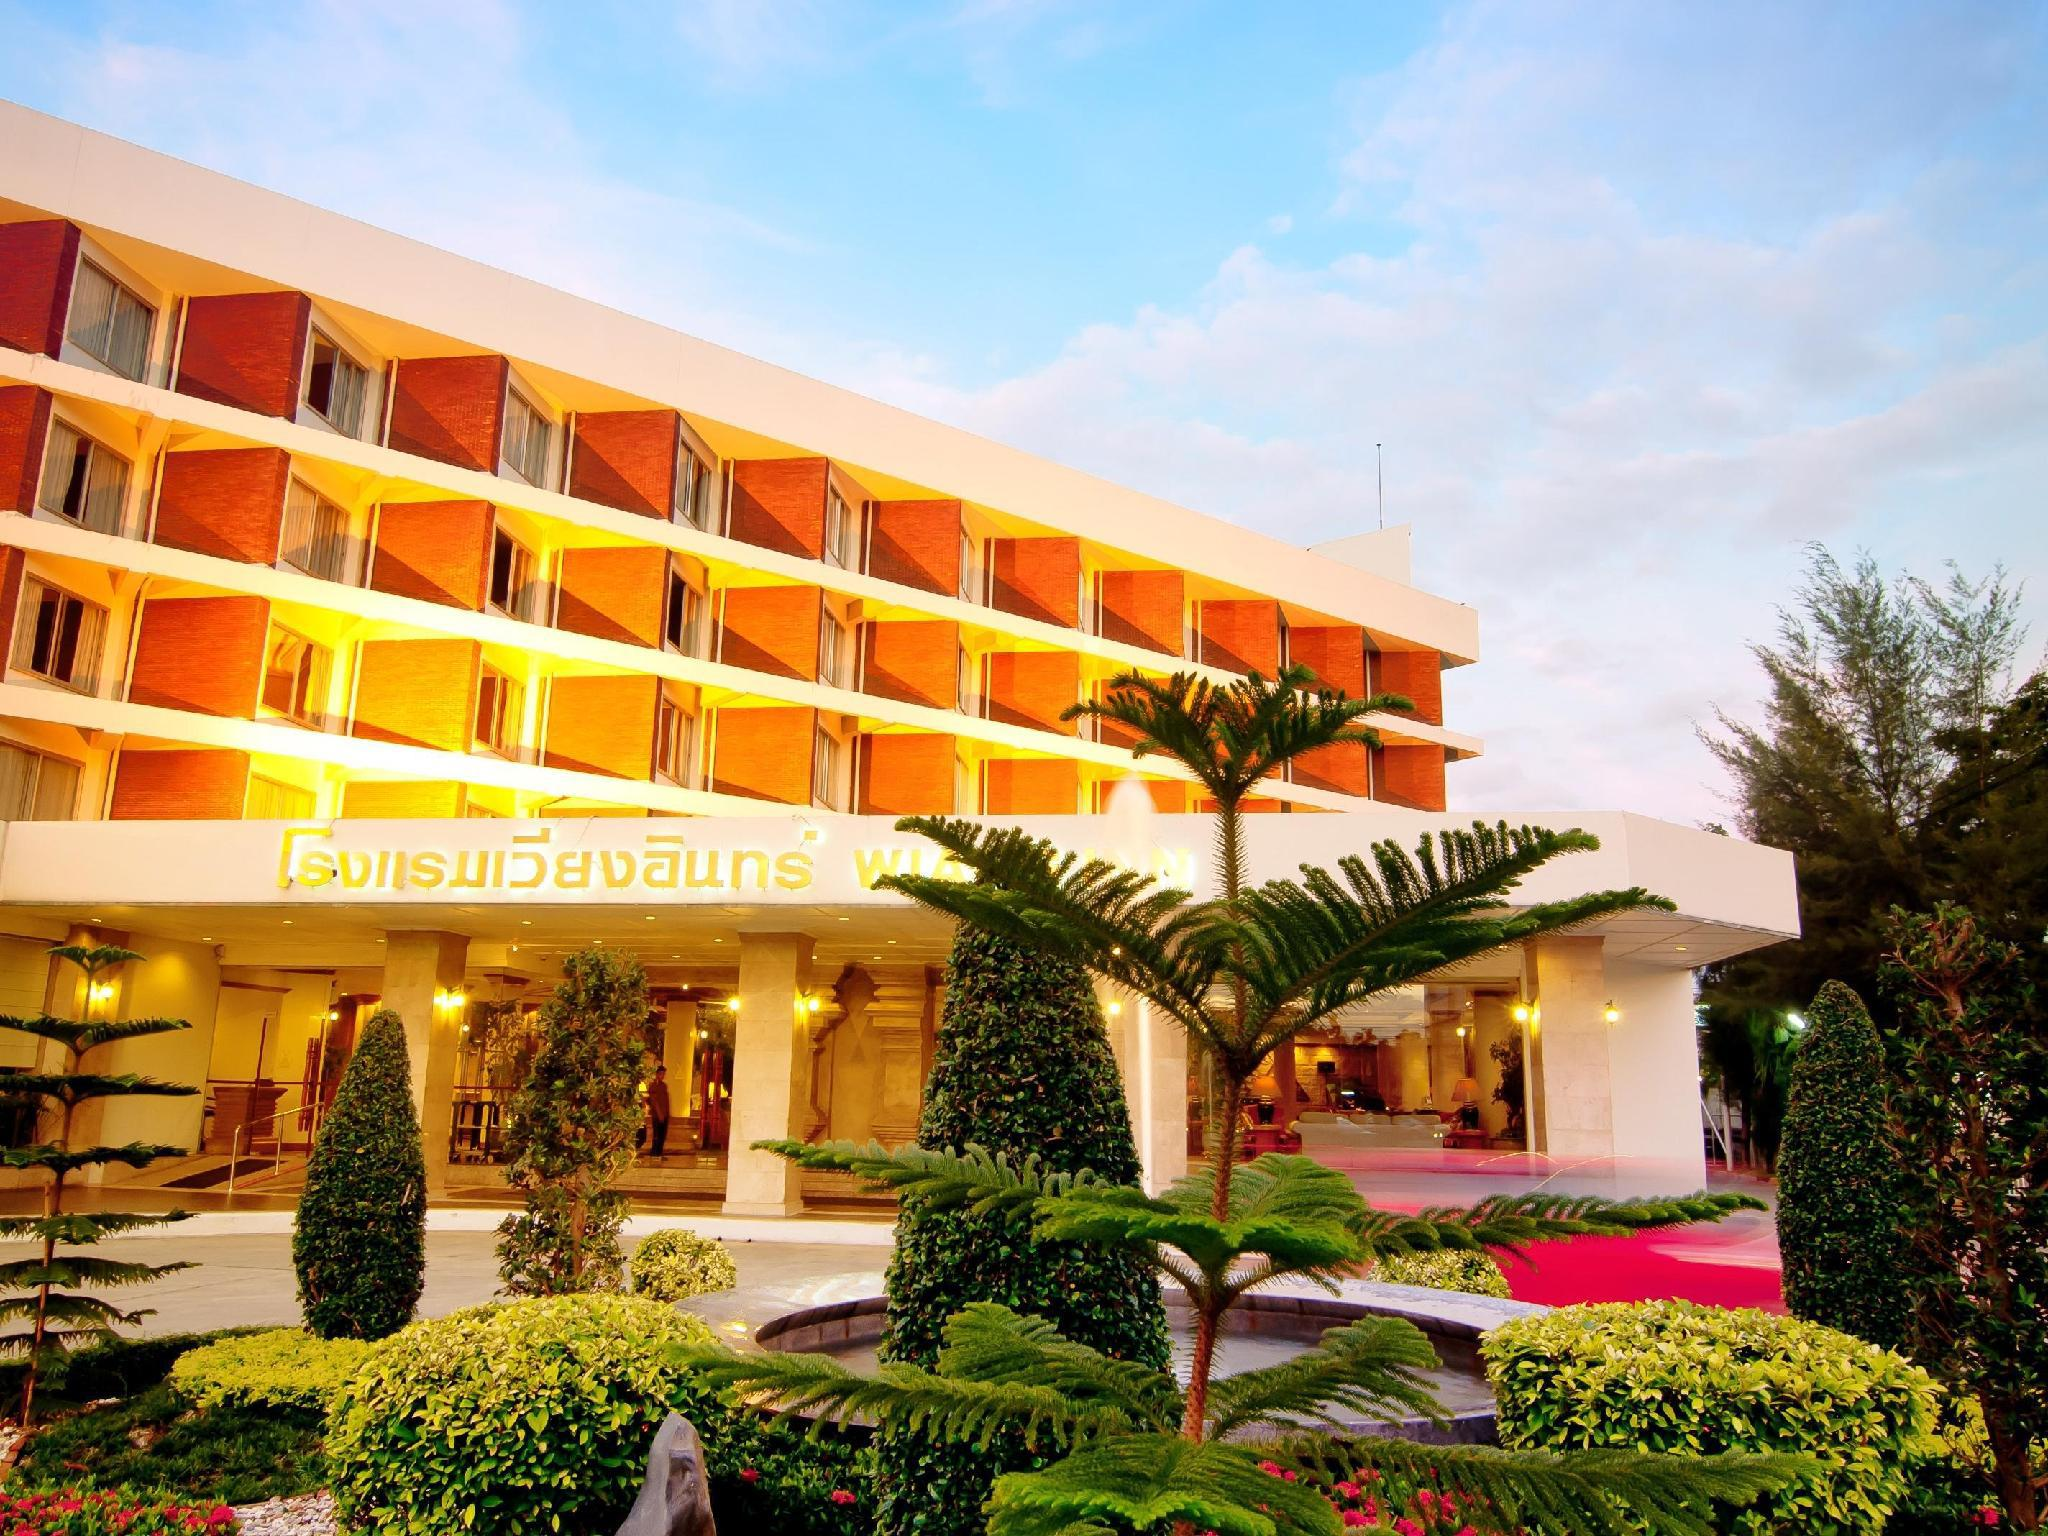 Wiang Inn Hotel โรงแรมเวียงอินทร์